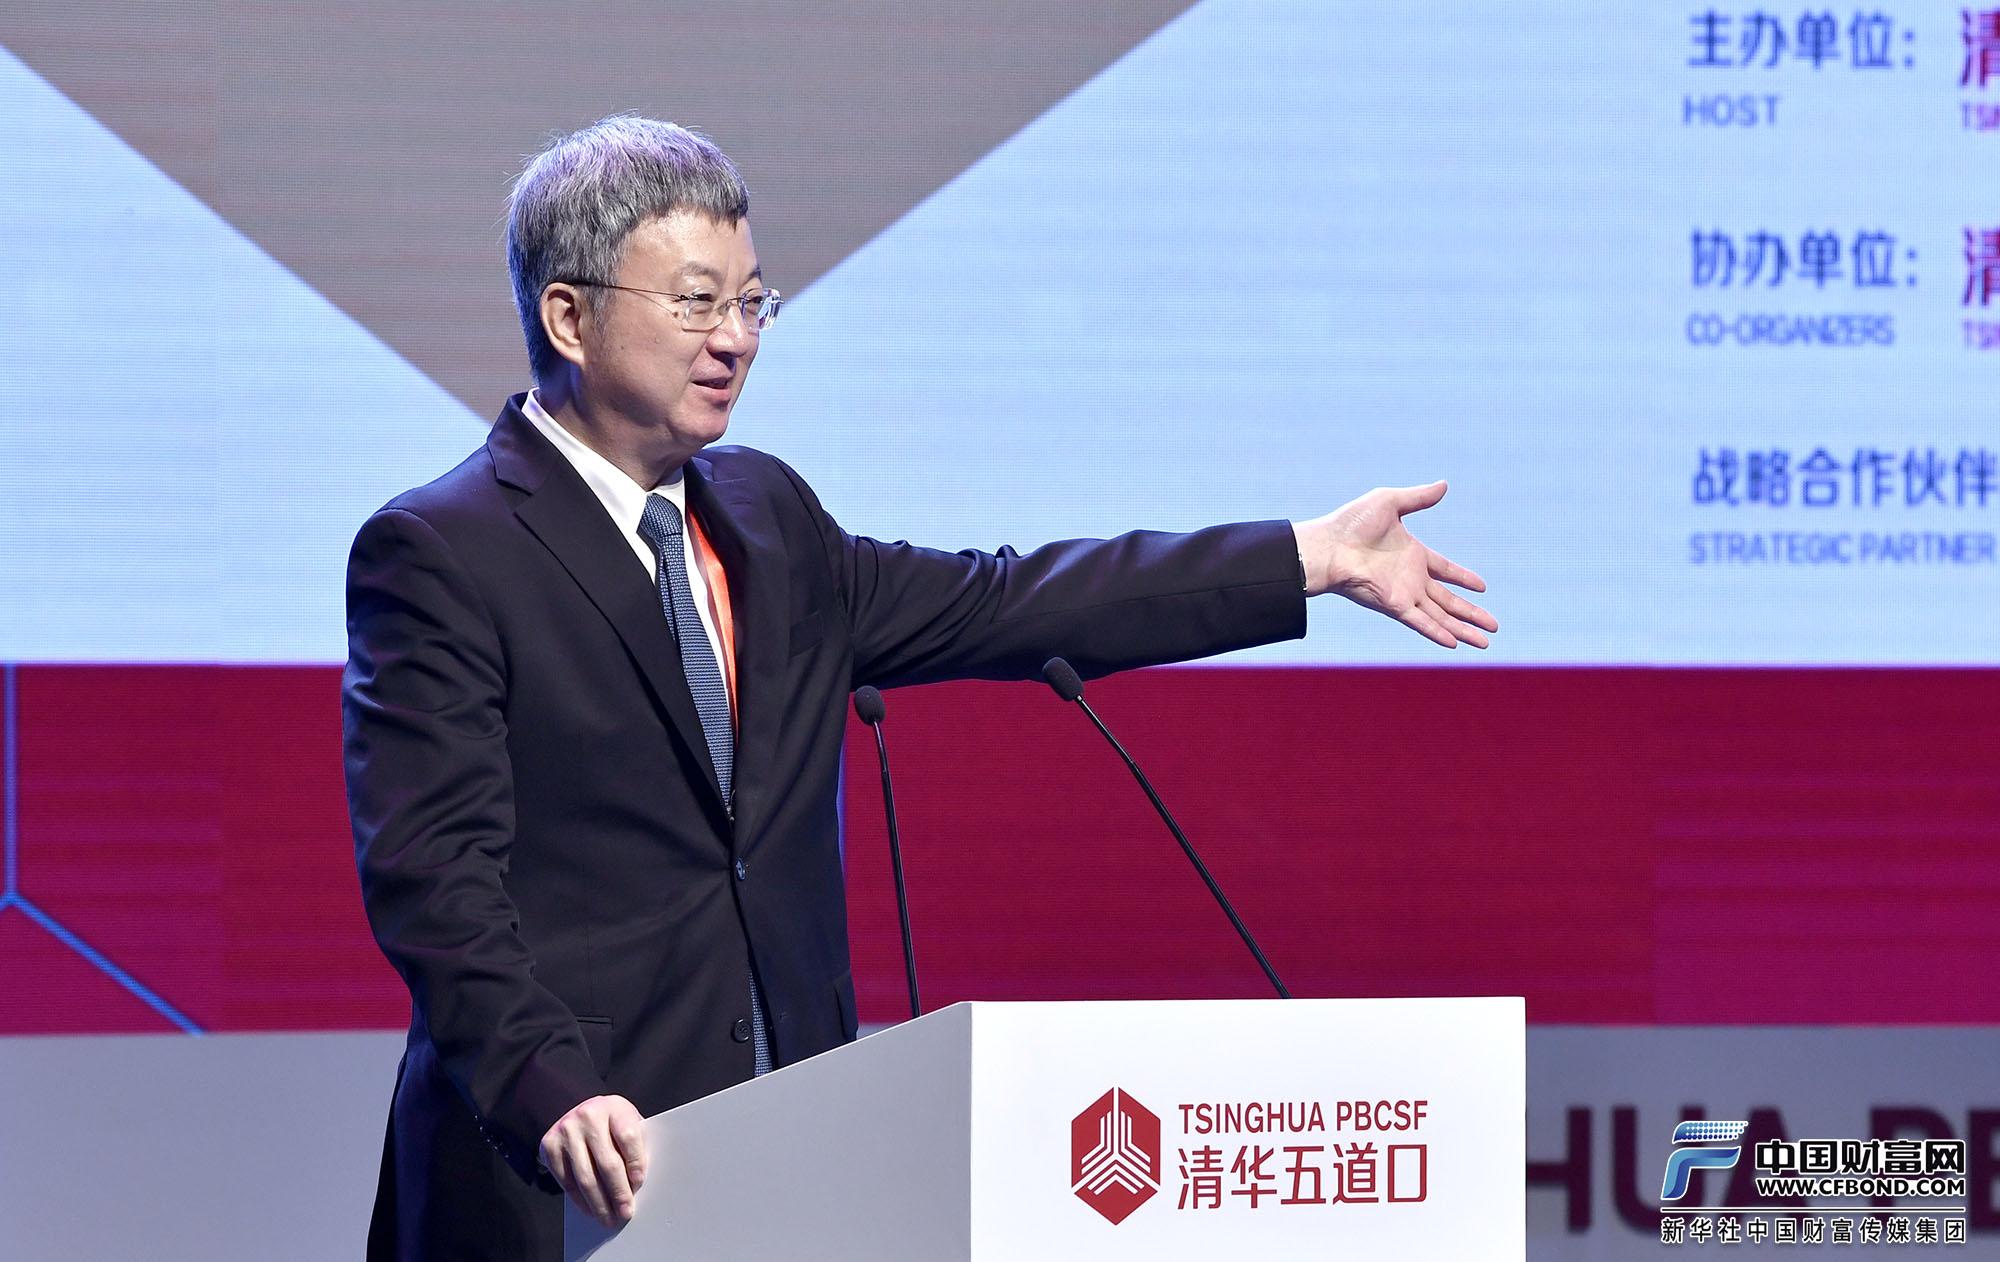 朱民:金融科技正在深刻颠覆着银行业